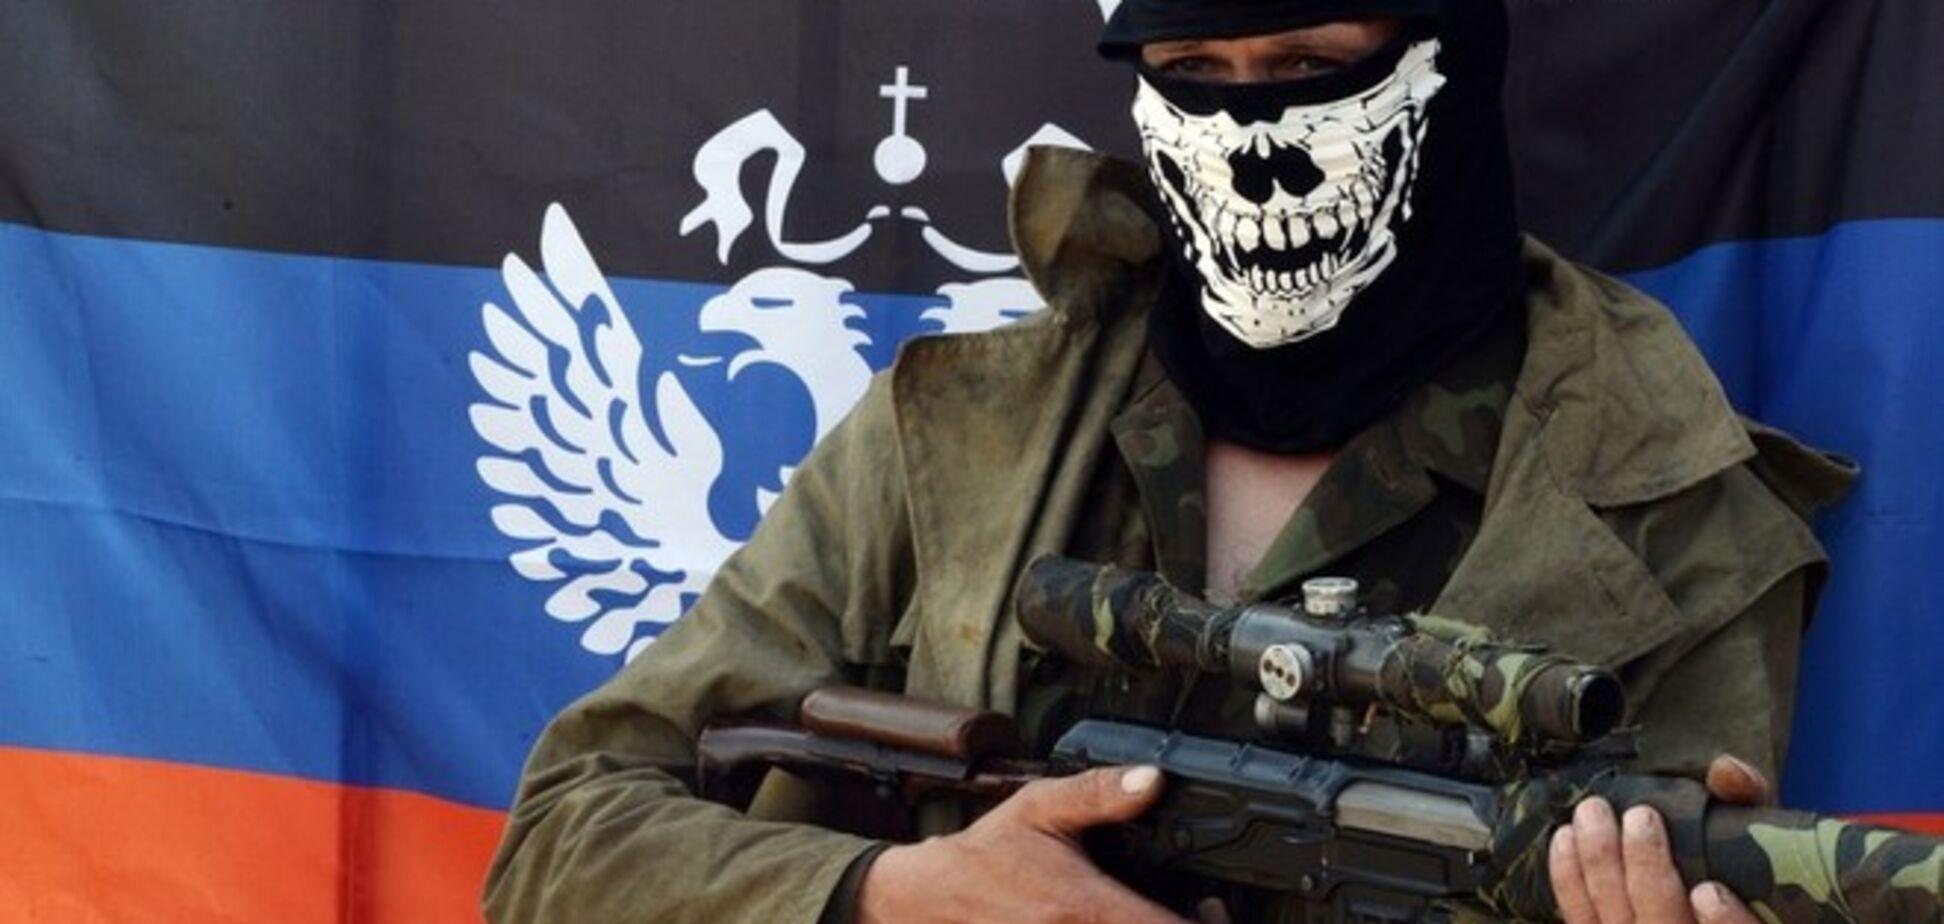 Боевики признались, что задержанные в Донецке диверсанты оказались россиянами